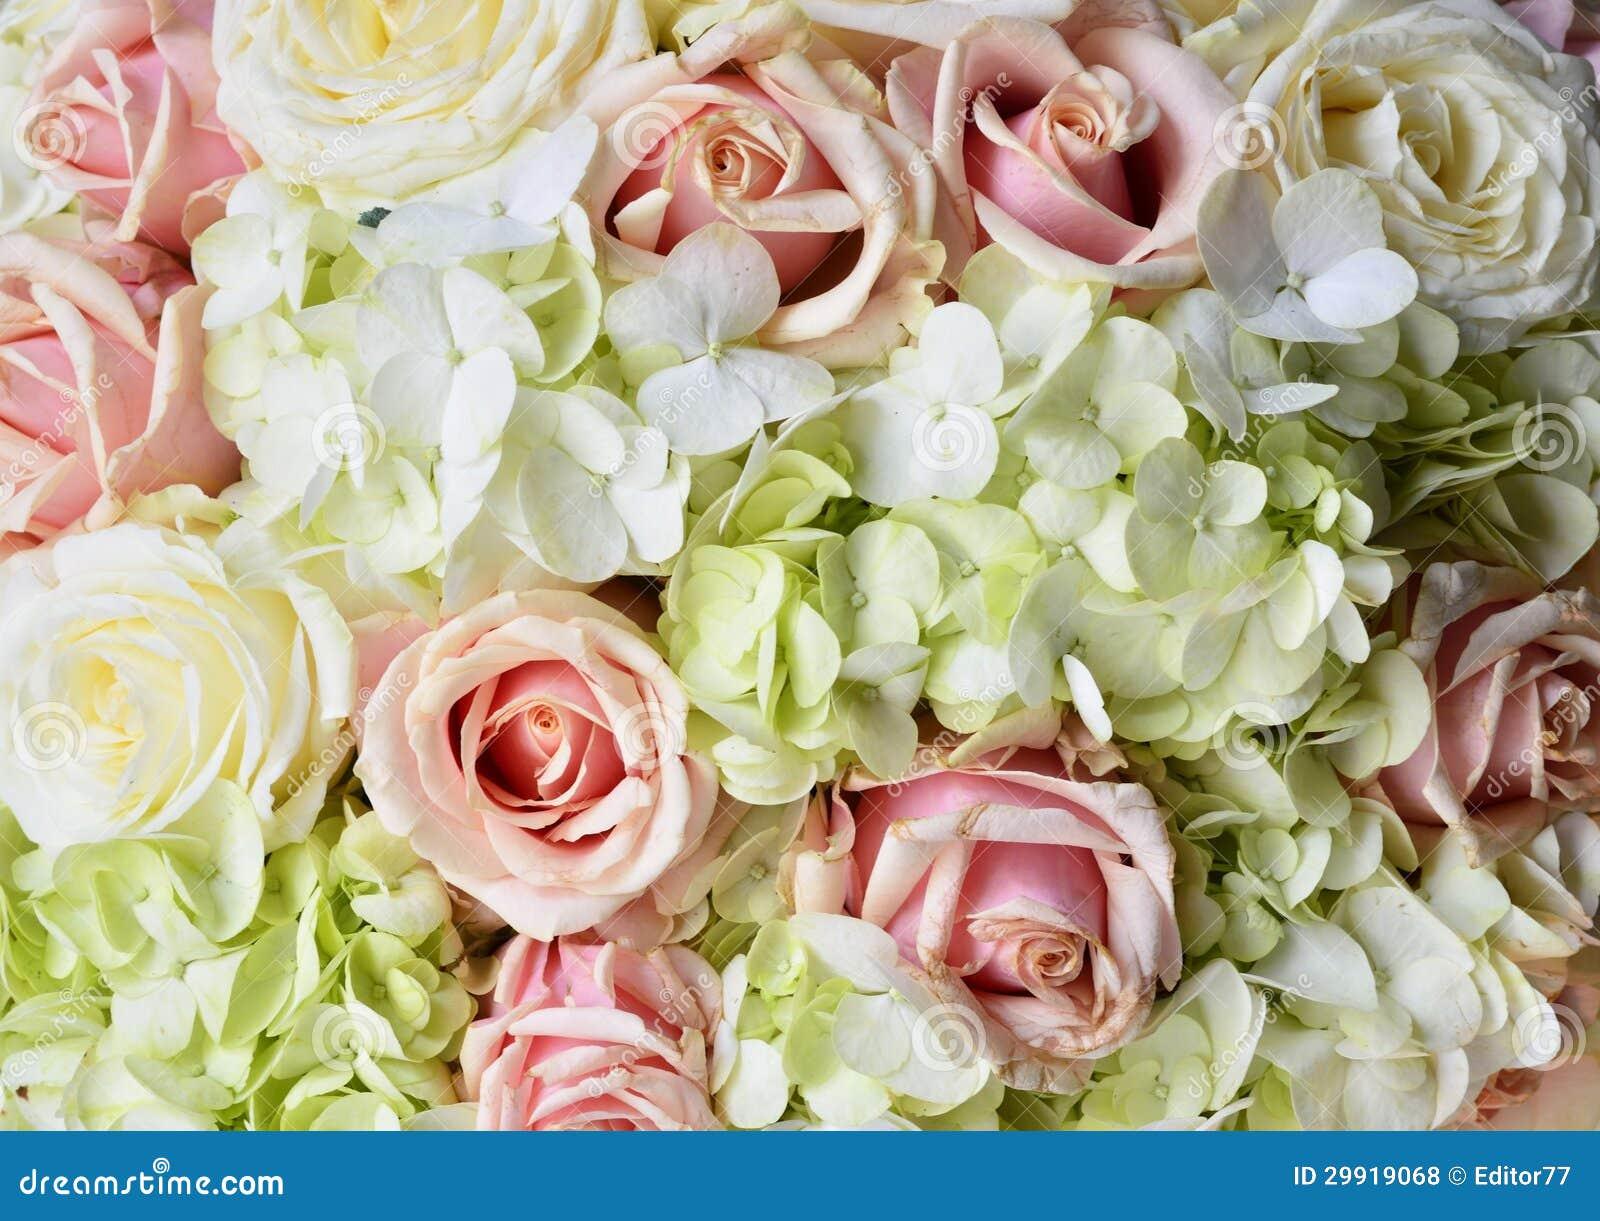 fond floral de texture photos libres de droits image 29919068. Black Bedroom Furniture Sets. Home Design Ideas